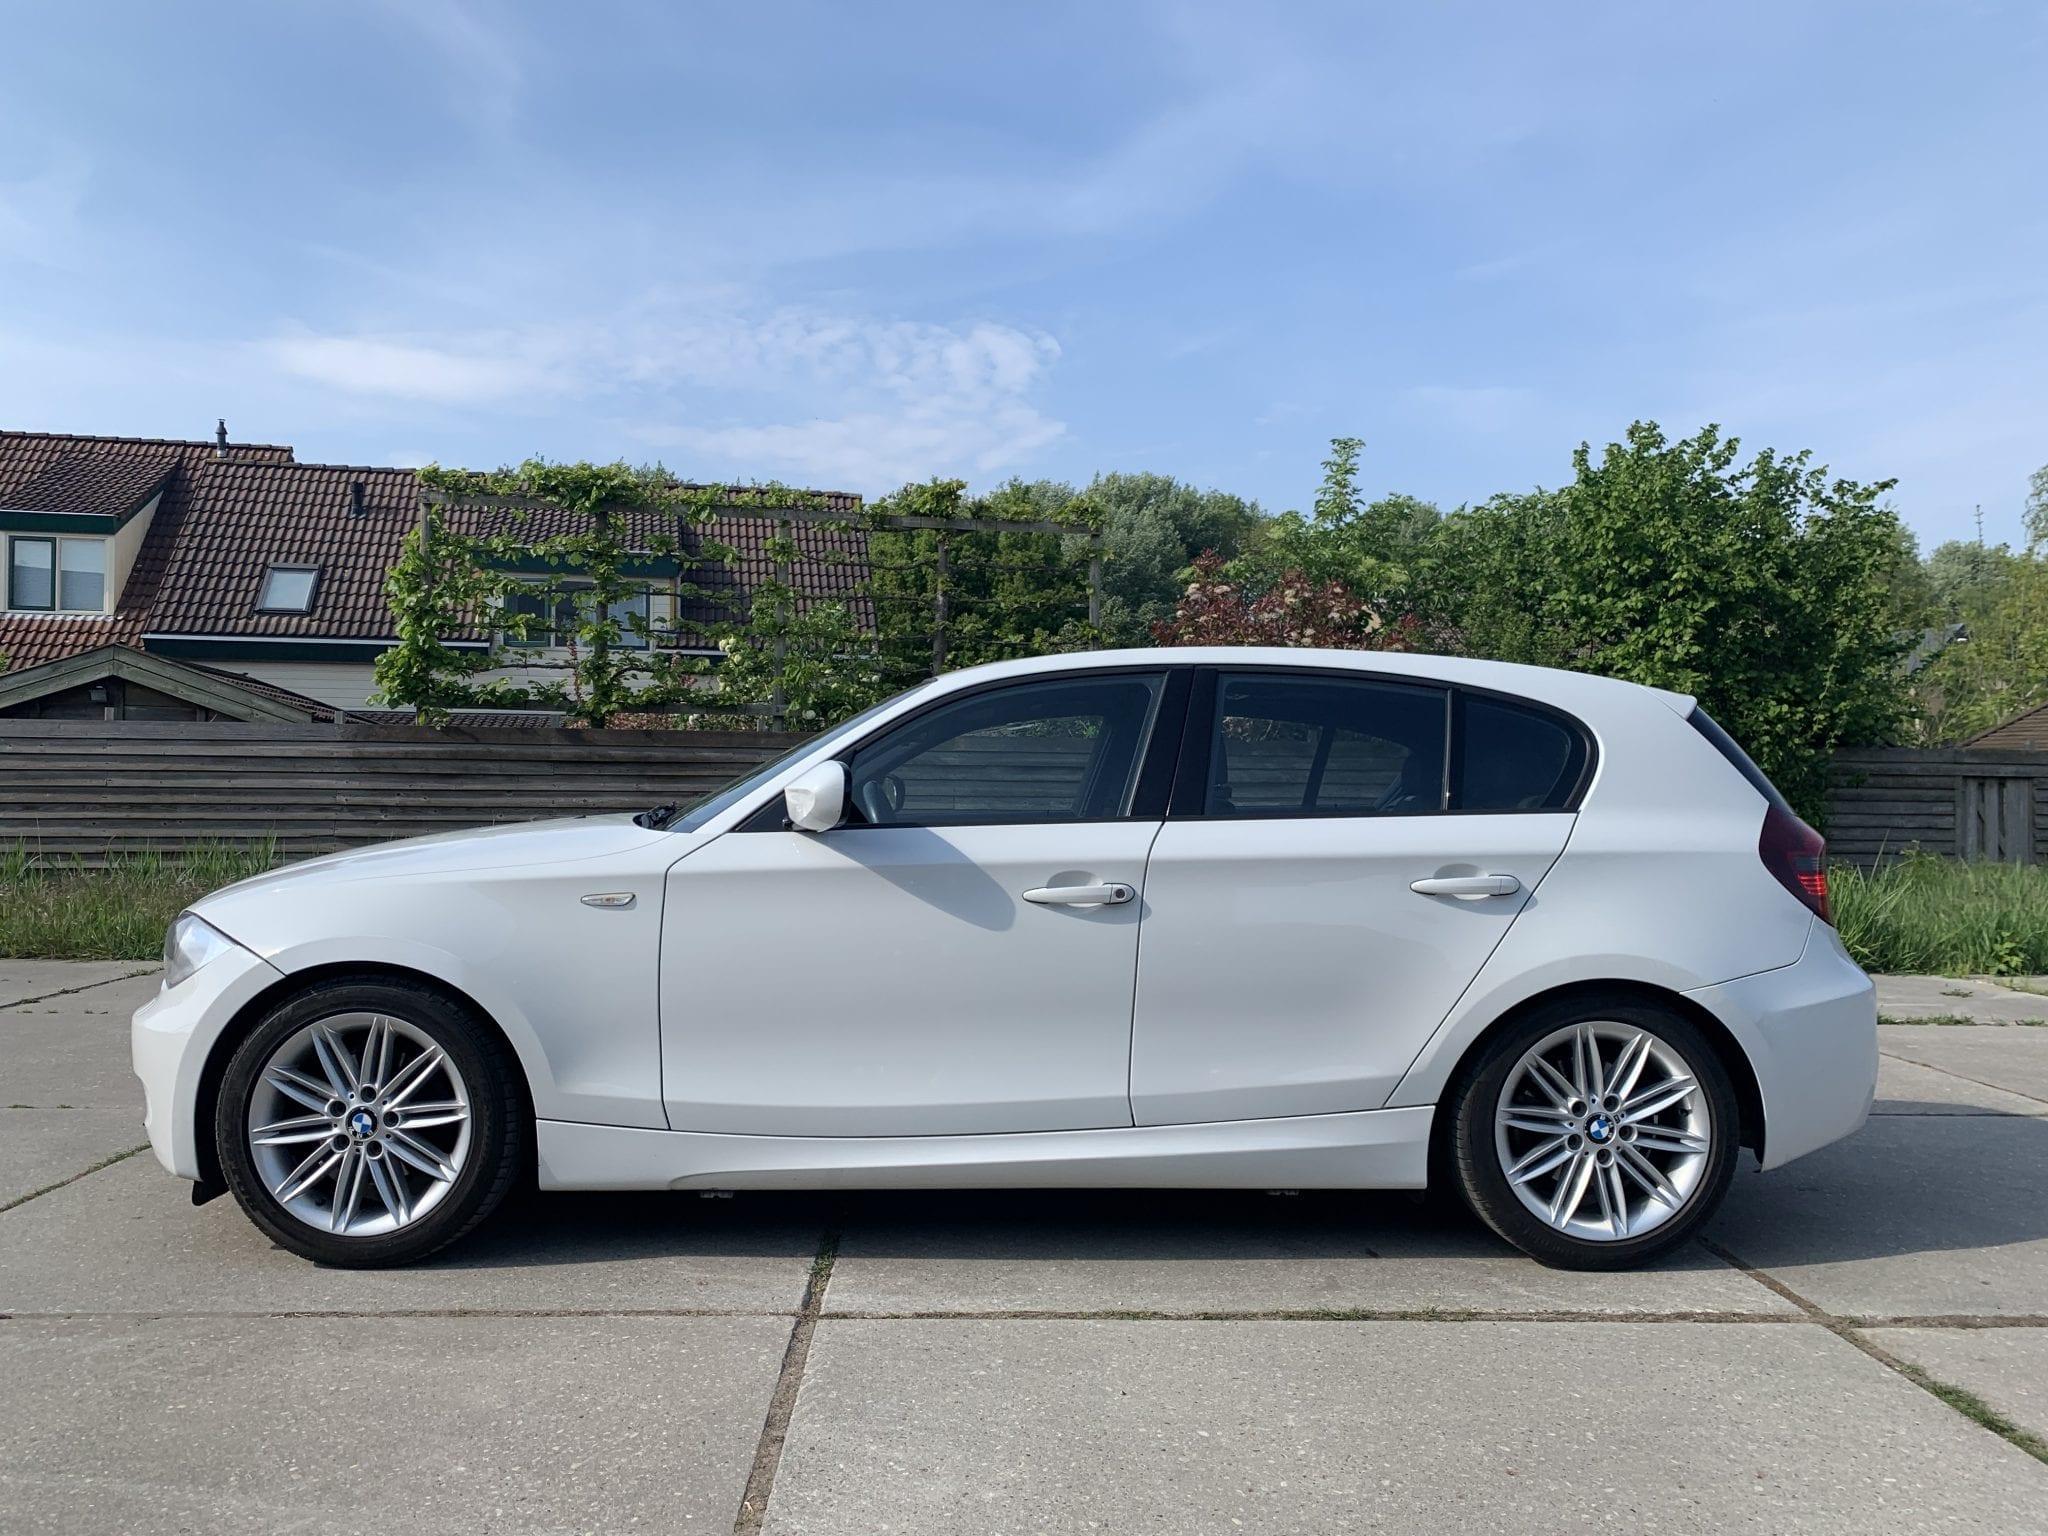 Witte BMW Carwrap | Trim-Line Zevenbergen